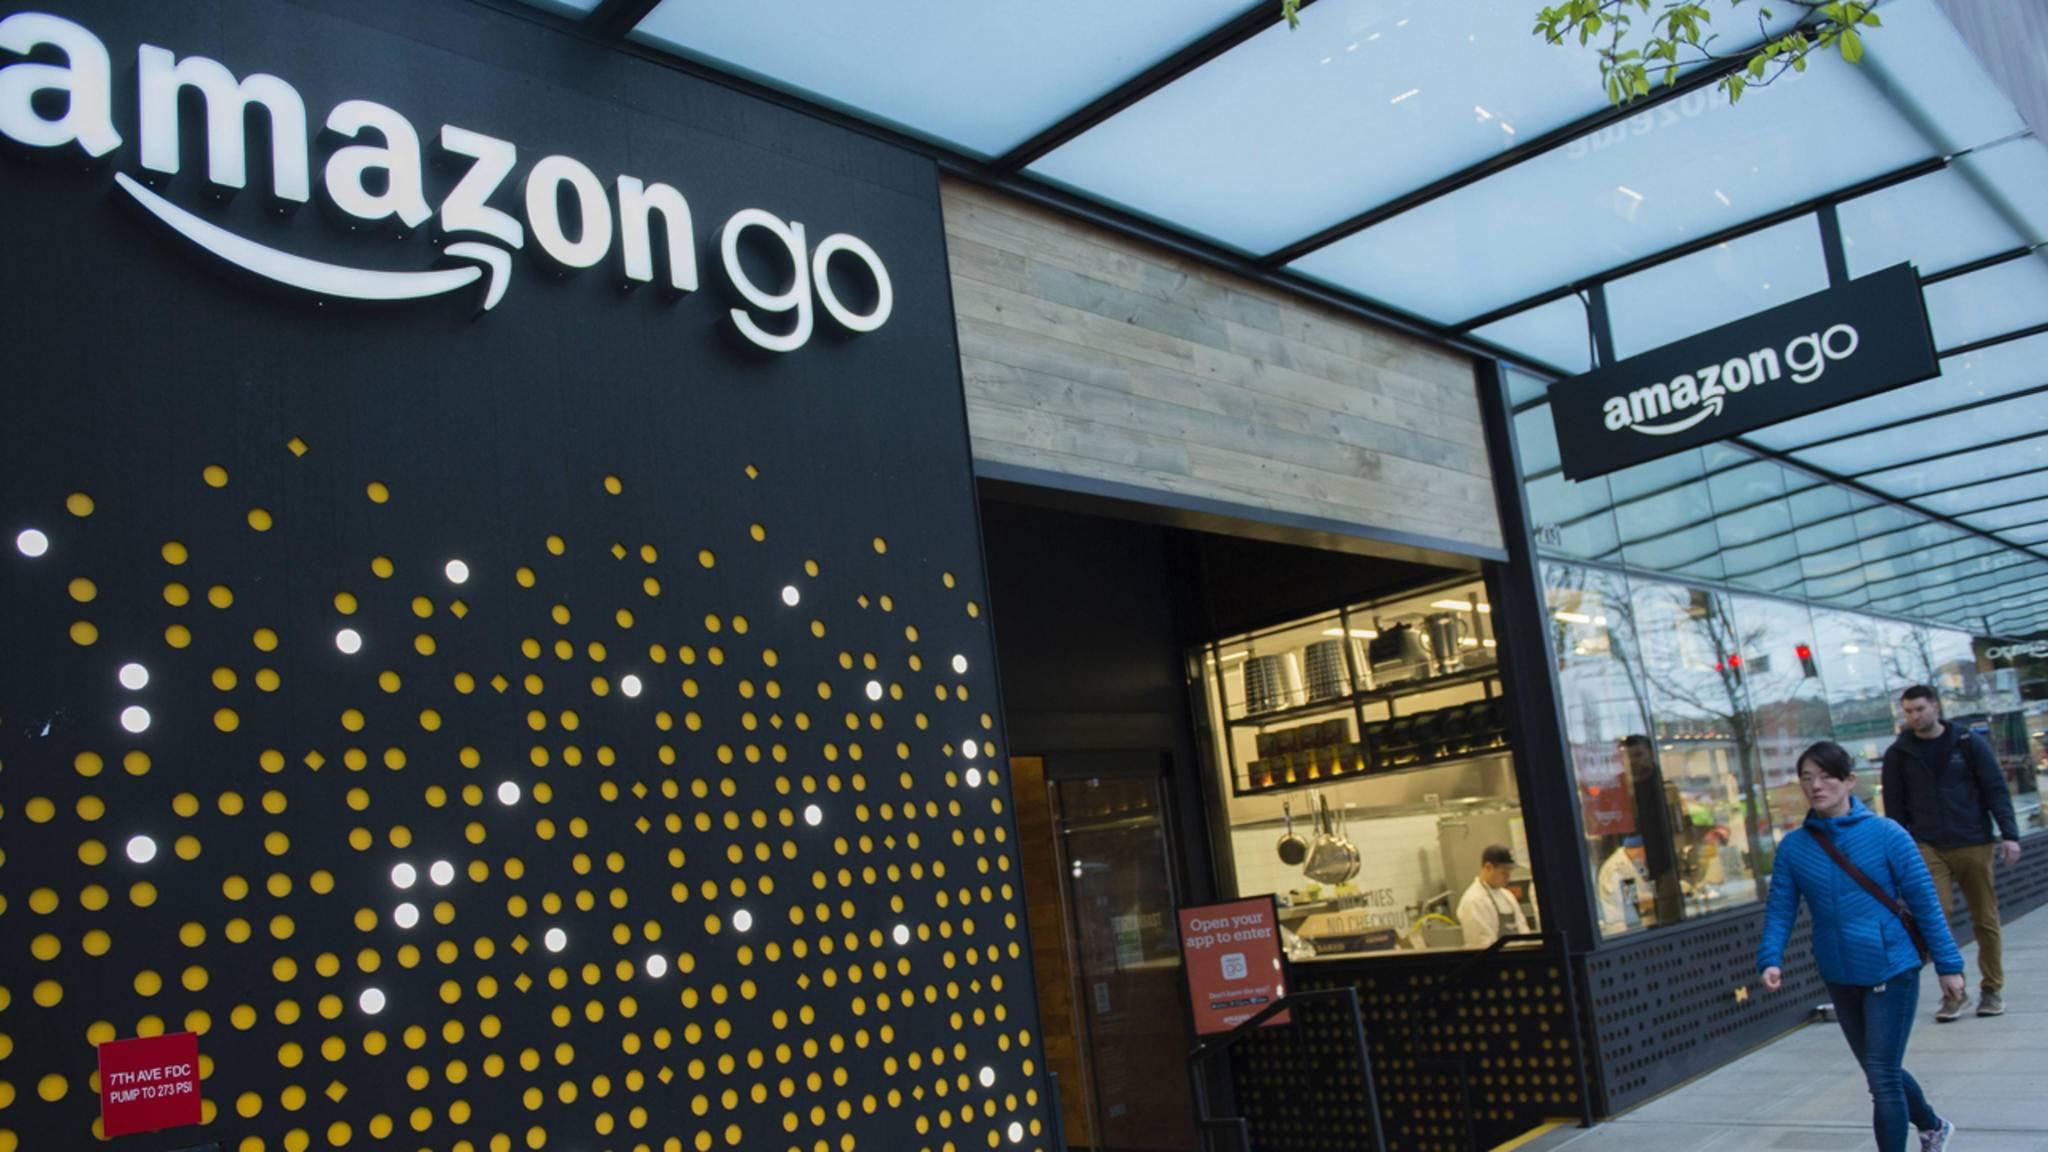 Auch Microsoft will Läden ohne Kassen nach dem Vorbild von Amazon Go etablieren.